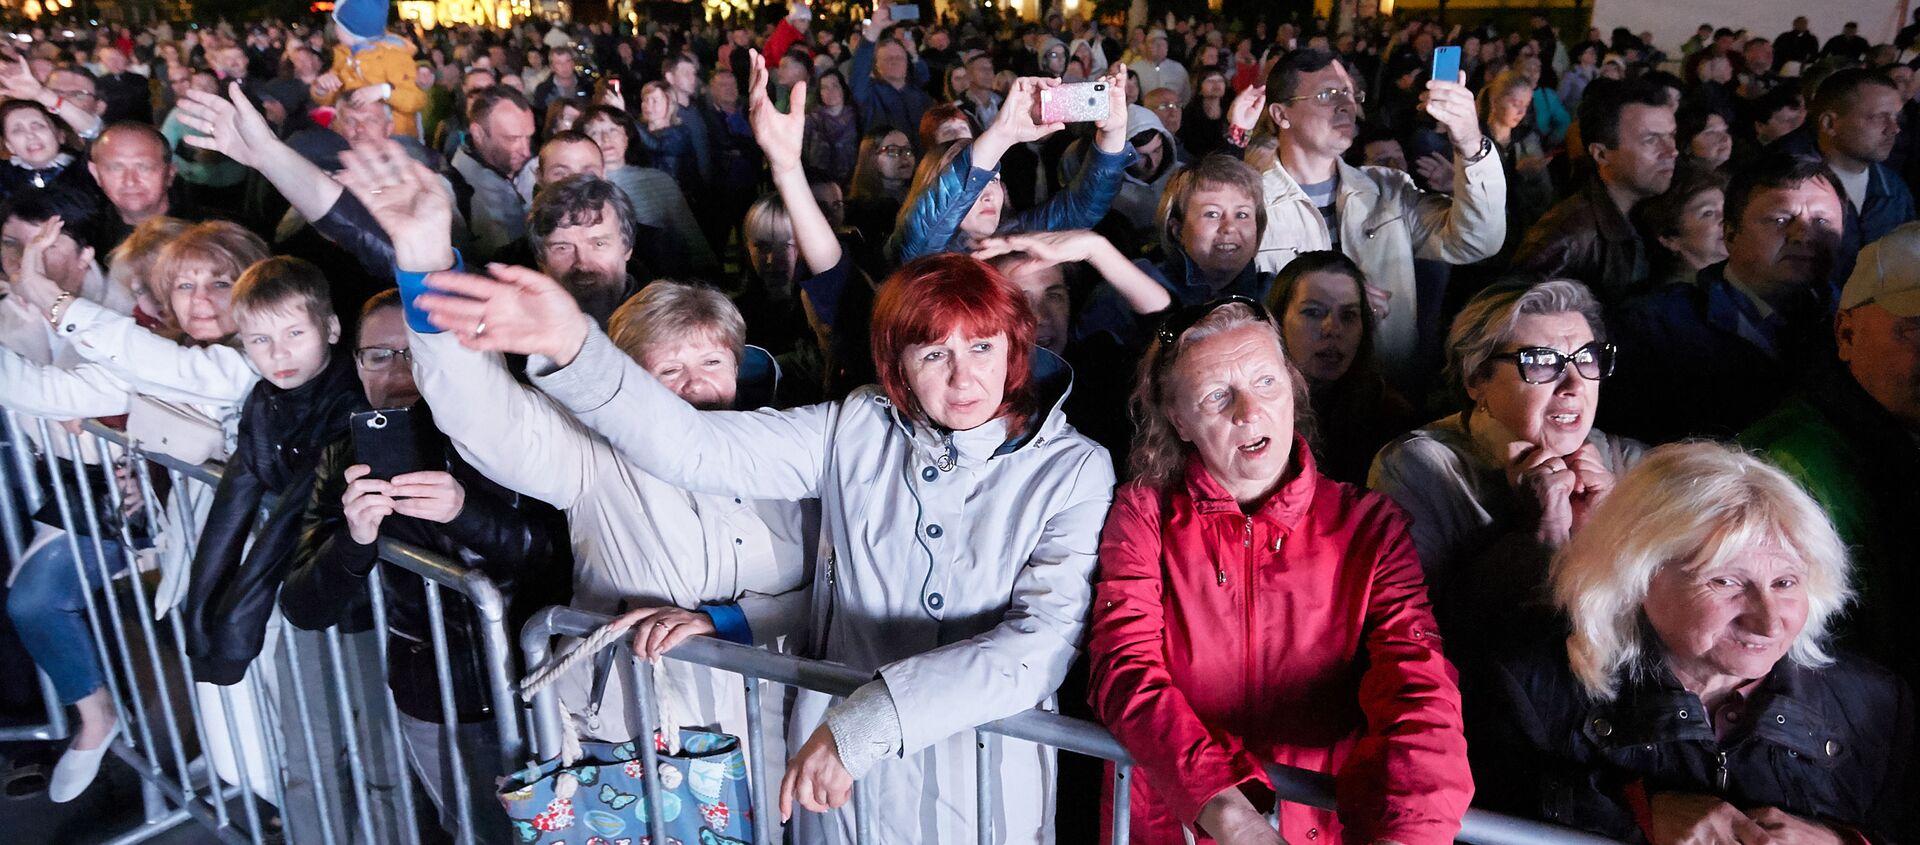 Зрители на концерте в Ялте в 2019 году - Sputnik Узбекистан, 1920, 30.04.2020